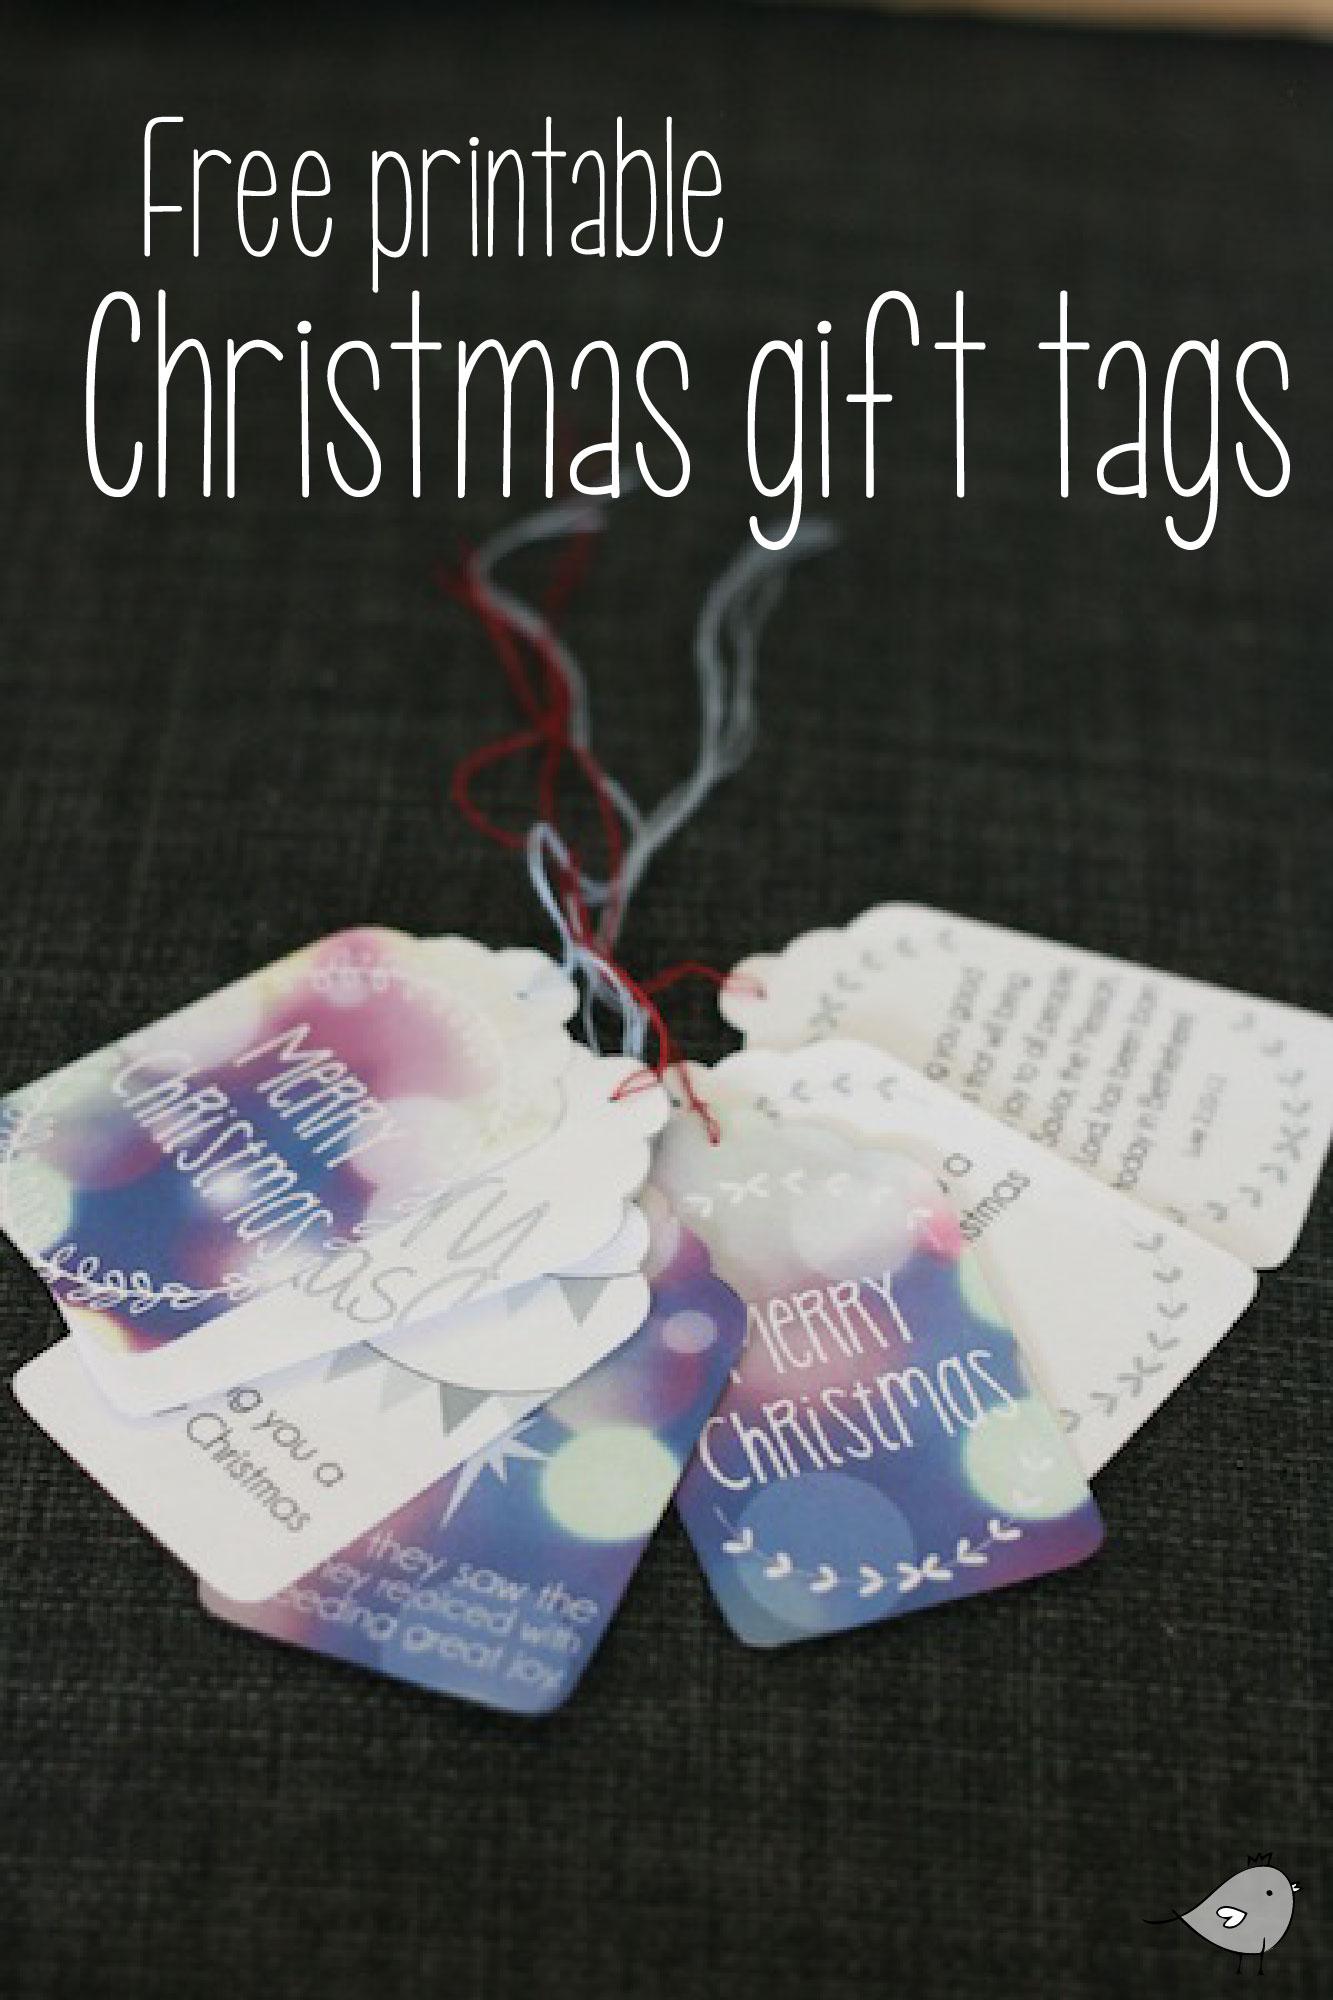 Printable christmas gift tags // Free download